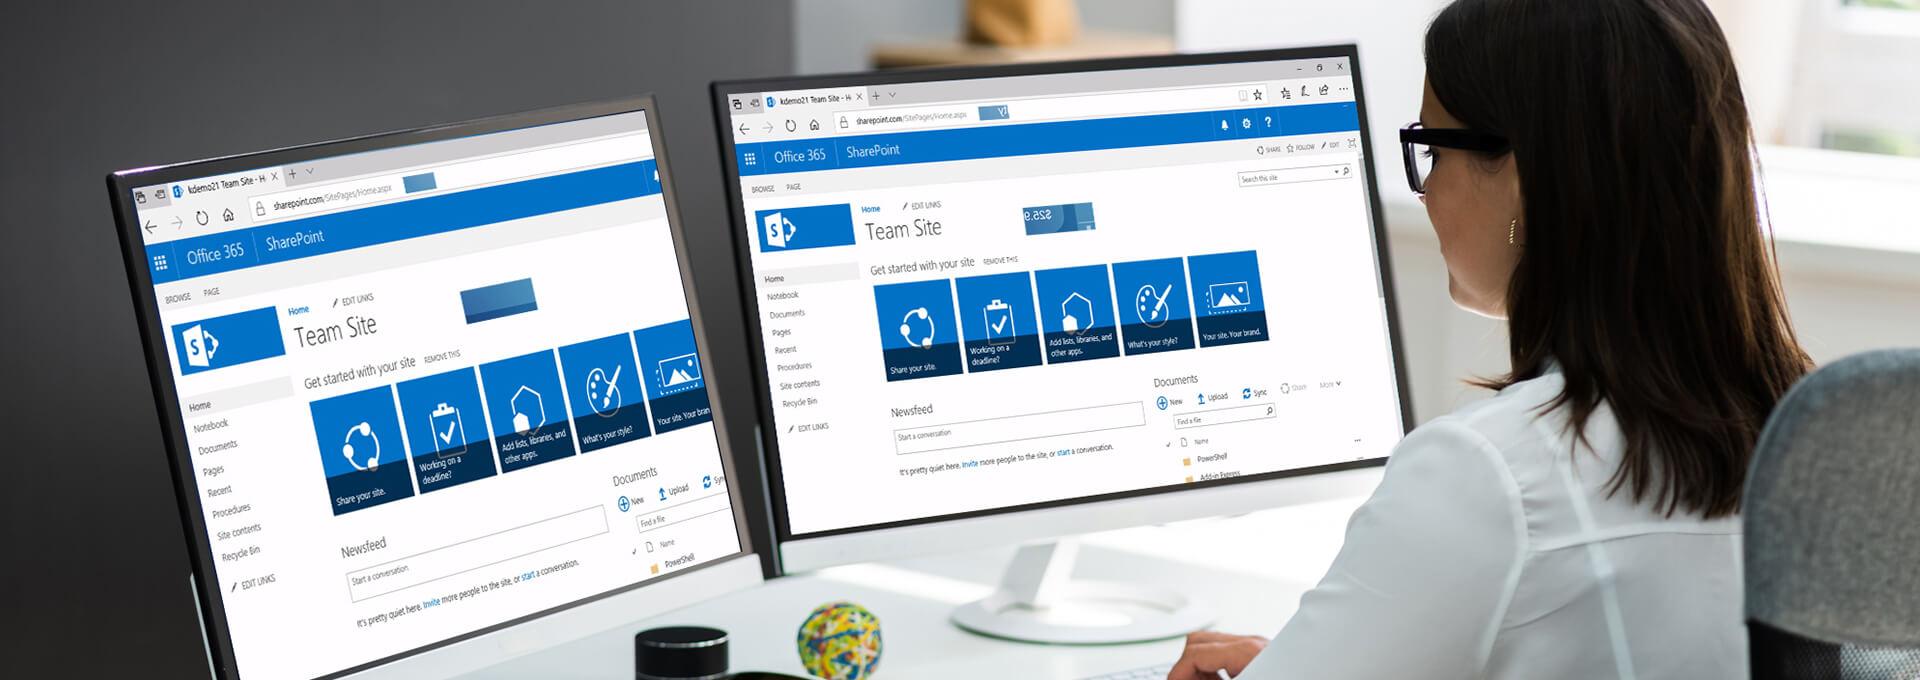 Apexon Sharepoint Services for Enterprises